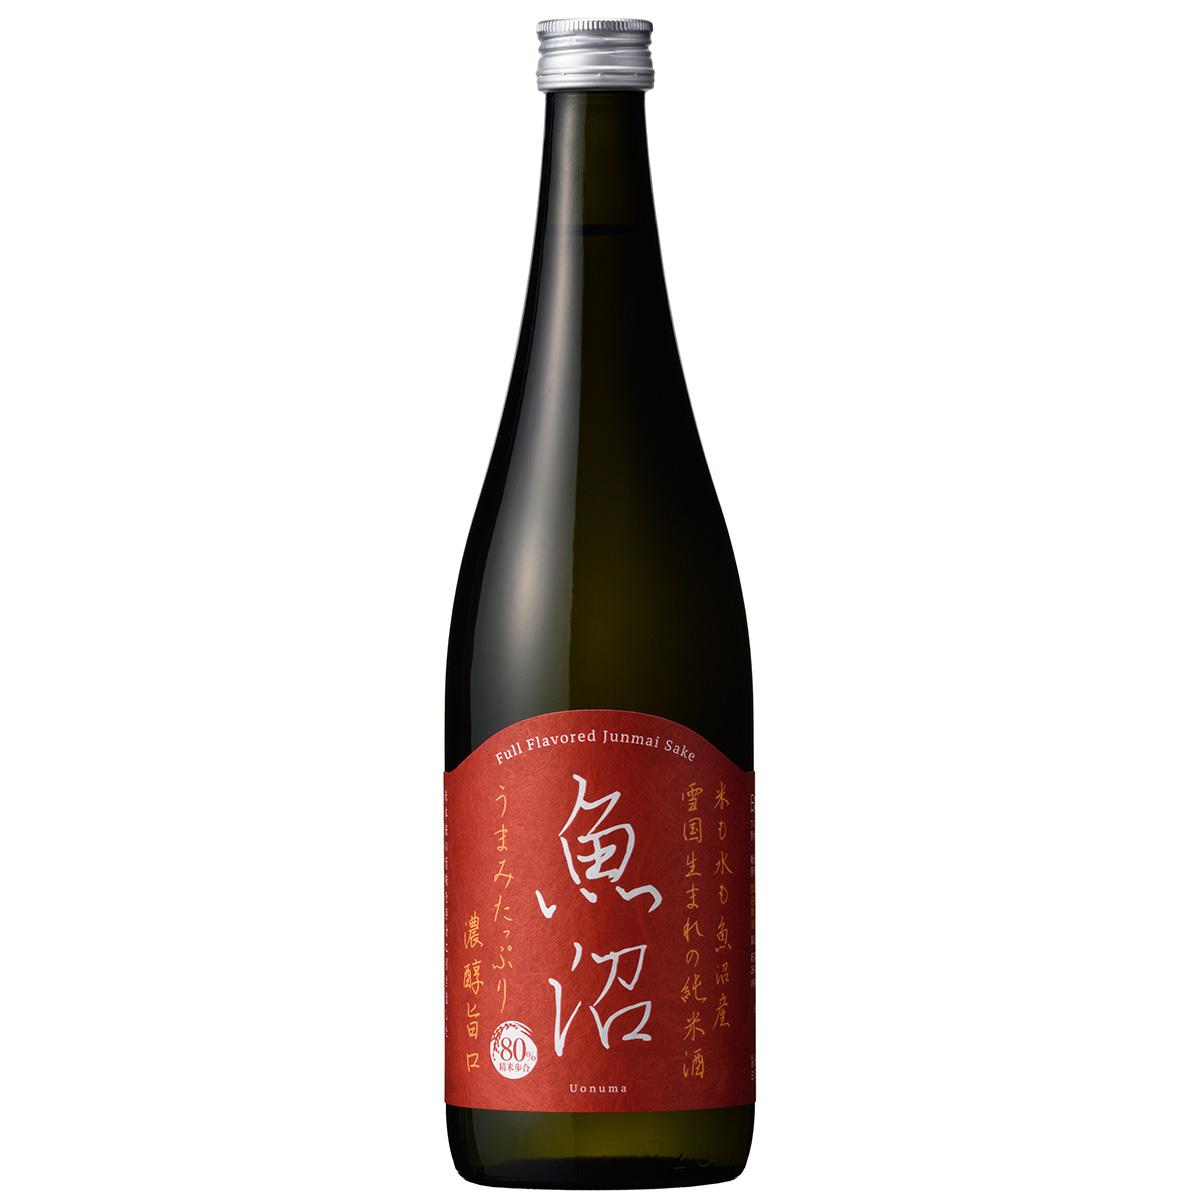 魚沼産の米のみで仕込んだ濃醇な純米酒 白瀧酒造 濃醇魚沼 ついに入荷 純米 新潟 720ml 日本酒 ギフト 高額売筋